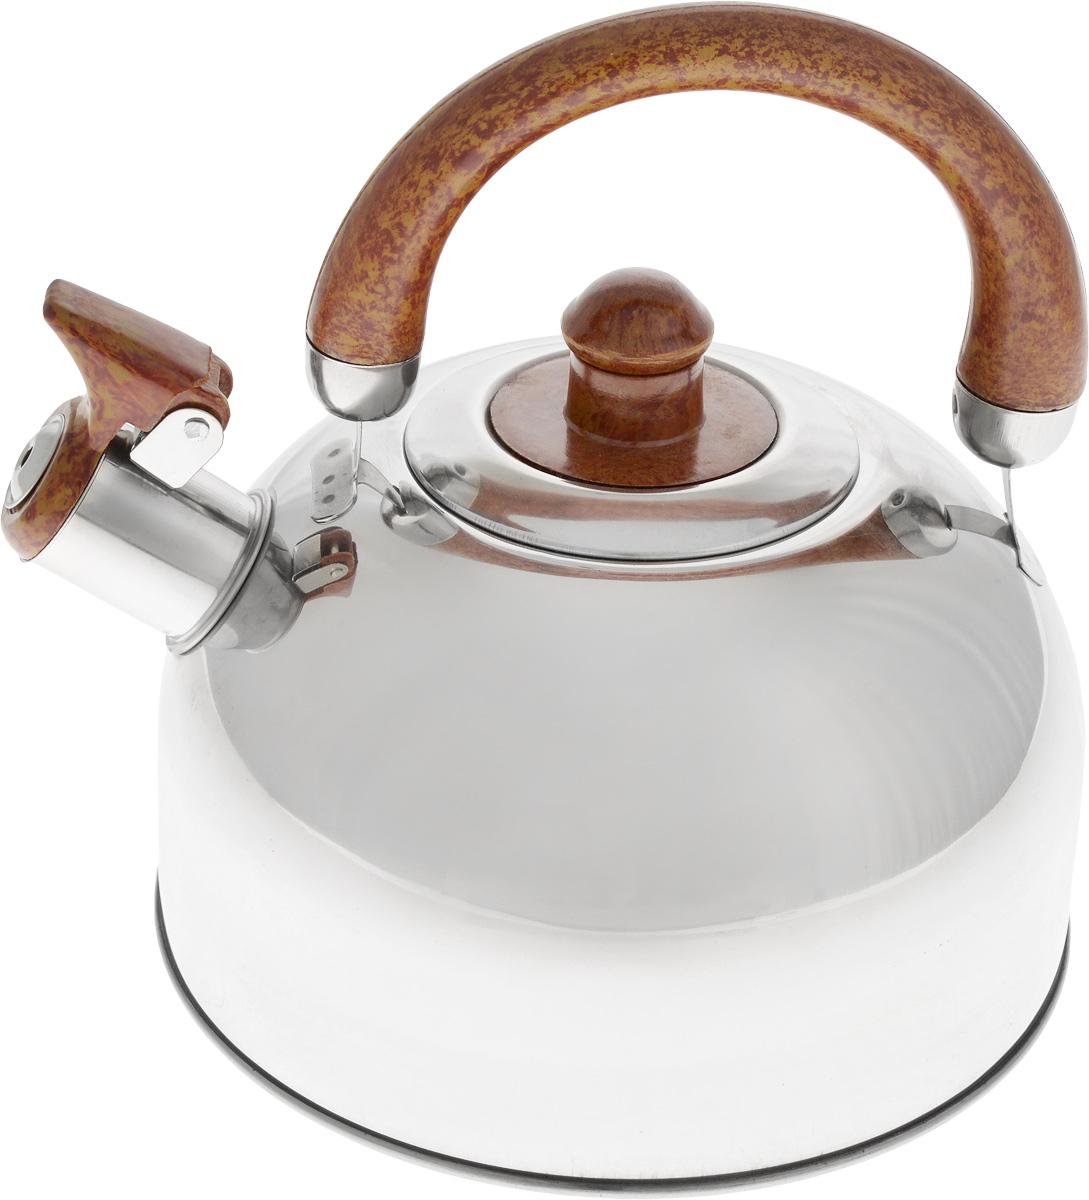 Чайник Bohmann, со свистком, 2,5 л. 622BHL94672Чайник Bohmann изготовлен из высококачественной нержавеющей стали с зеркальной полировкой. Нержавеющая сталь - материал, из которого в течение нескольких десятилетий во всем мире производятся столовые приборы, кухонные инструменты и различные аксессуары. Этот материал обладает высокой стойкостью к коррозии и кислотам. Прочность, долговечность и надежность этого материала, а также первоклассная обработка обеспечивают практически неограниченный запас прочности и неизменно привлекательный внешний вид. Чайник оснащен удобной фиксированной ручкой, выполненной из бакелита с рисунком под дерево. Носик чайника имеет откидной свисток, который подскажет, когда вода закипела. Можно использовать на газовых, электрических, галогеновых, стеклокерамических, индукционных плитах. Можно мыть в посудомоечной машине.Высота чайника (без учета ручки и крышки): 11 см.Высота чайника (с учетом ручки): 20 см.Диаметр основания чайника: 19 см.Диаметр чайника (по верхнему краю): 8,5 см.